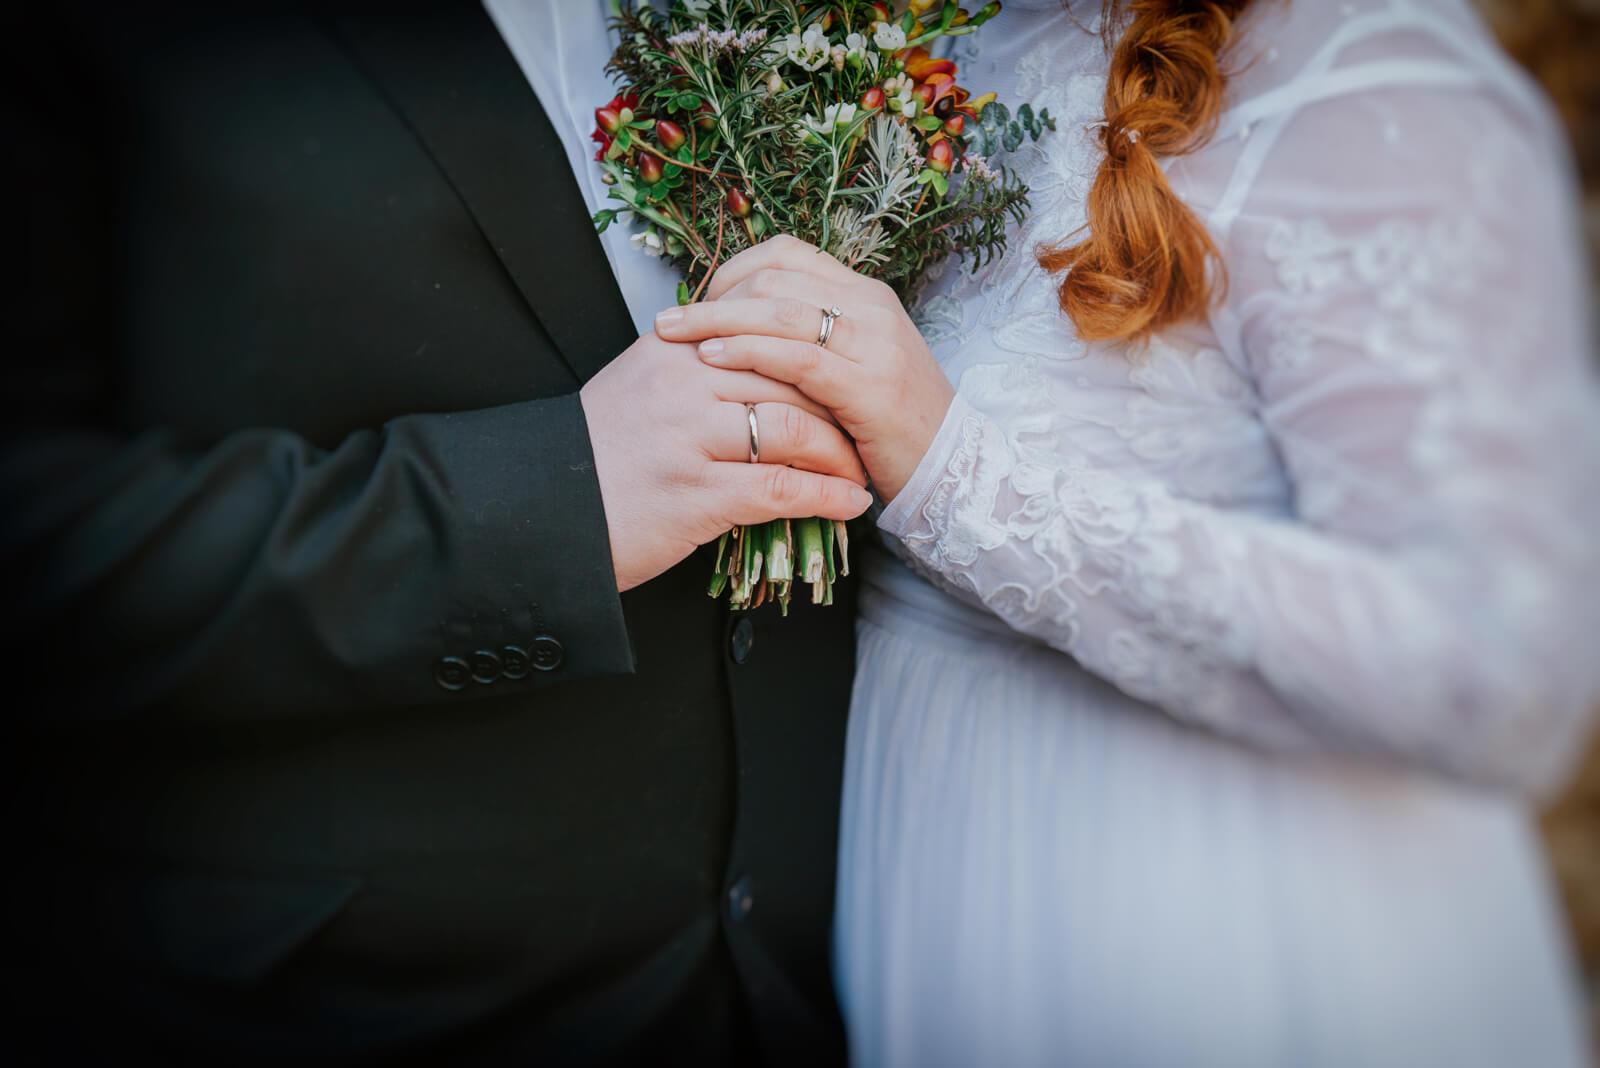 unsere ringe (foto: markus maierhofer)